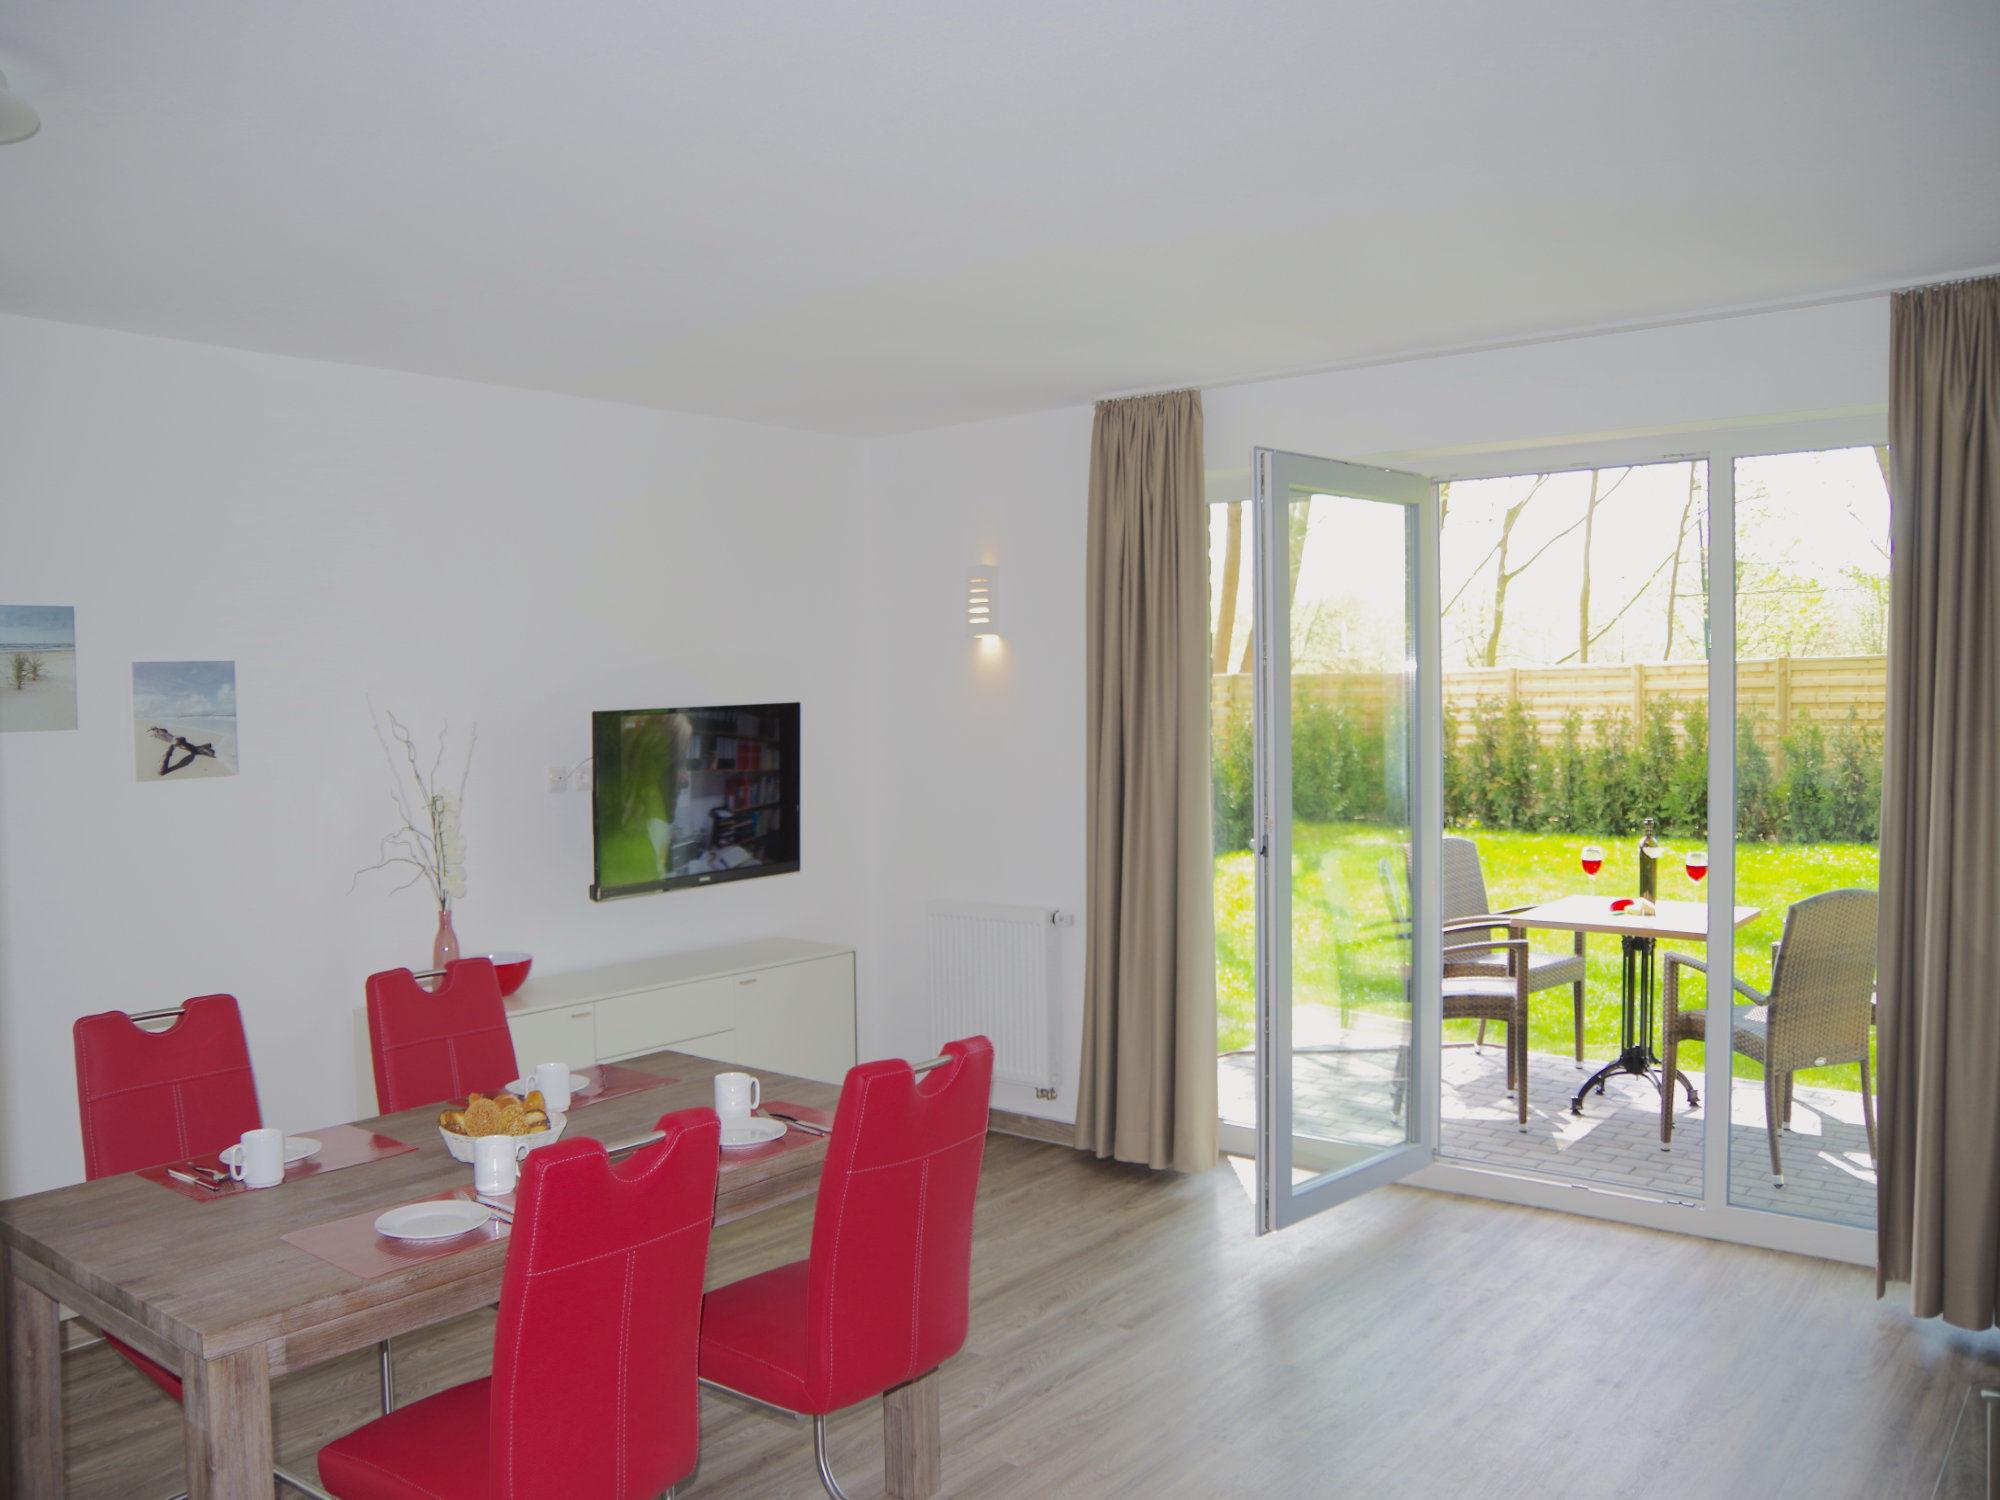 Links im Bild ein Esstisch mit 4 Stühlen, rechts davon ein Sideboard mit Flatscreen TV, weiter rechts bodentiefe Fenster